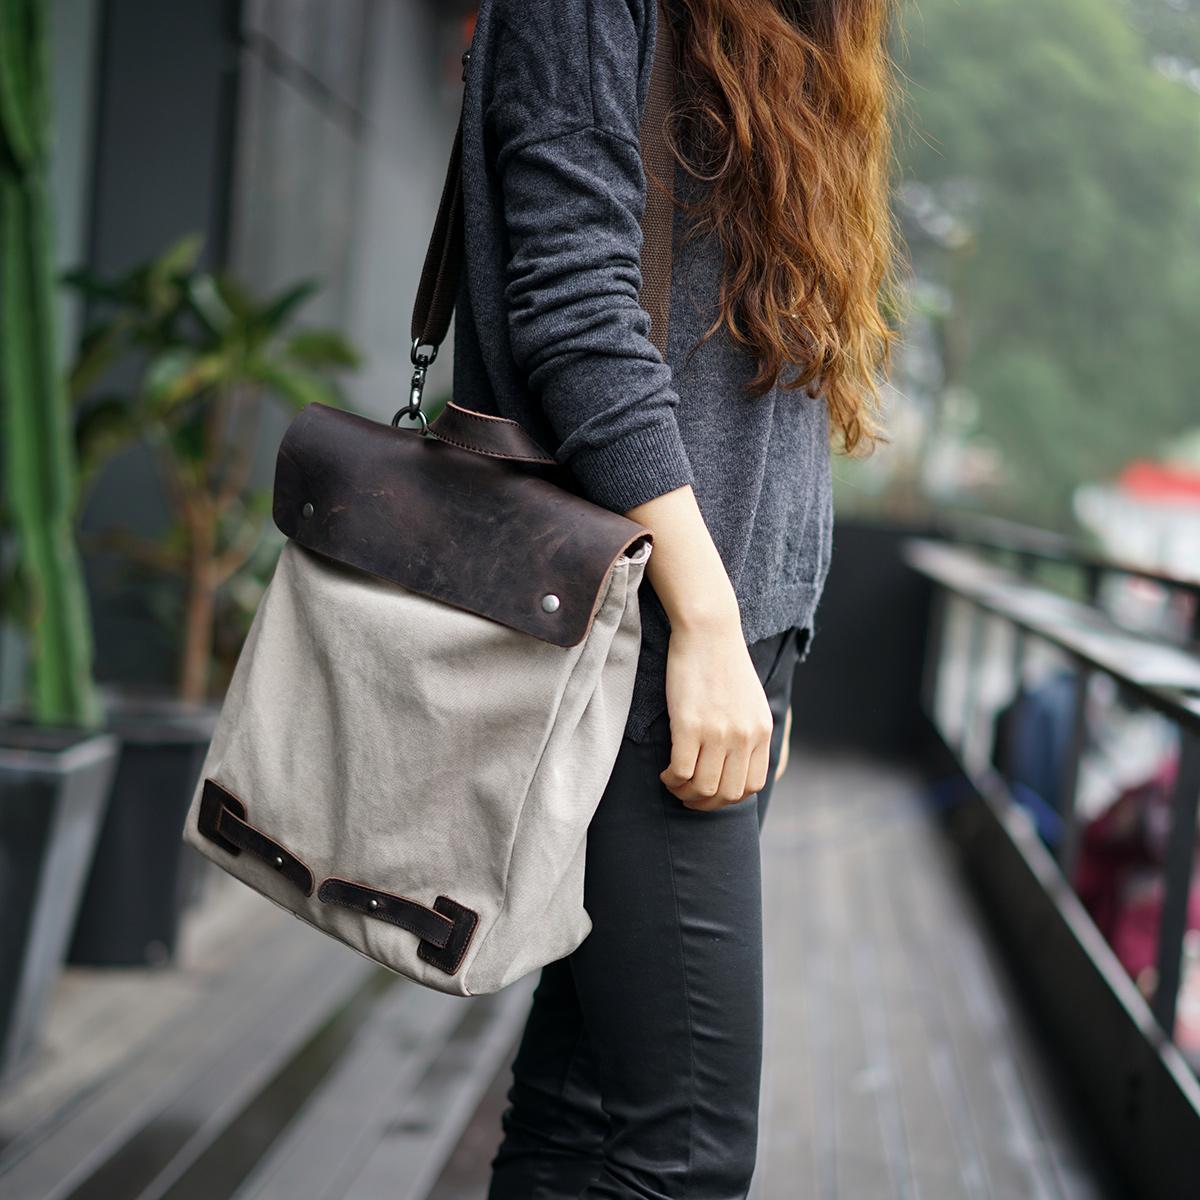 潮人滙新款韩版学生女包 复古帆布女士背包 两用可单肩双肩包包